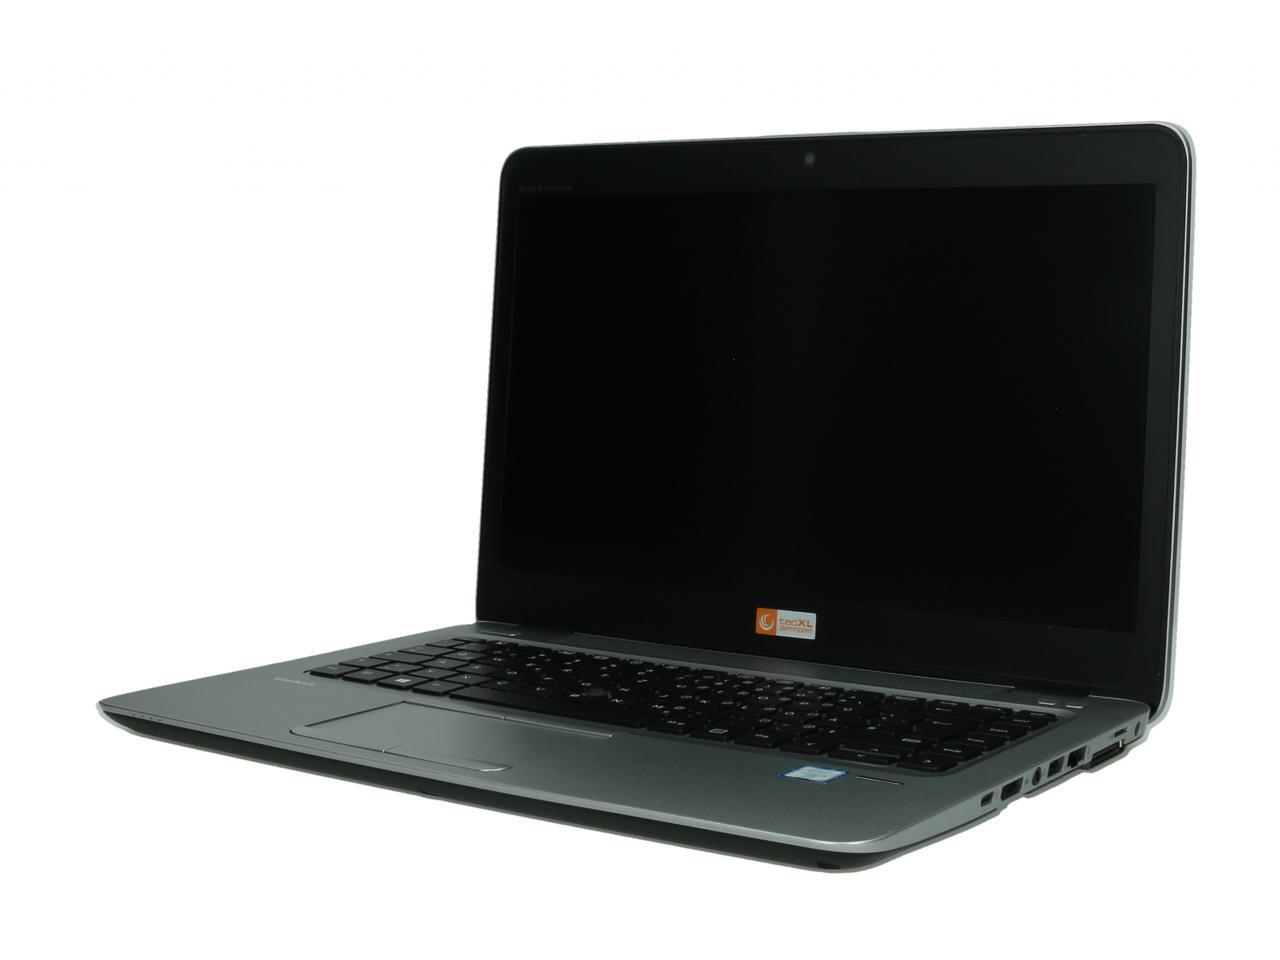 Hewlett Packard Elitebook 840 G3  - shop.bb-net.de